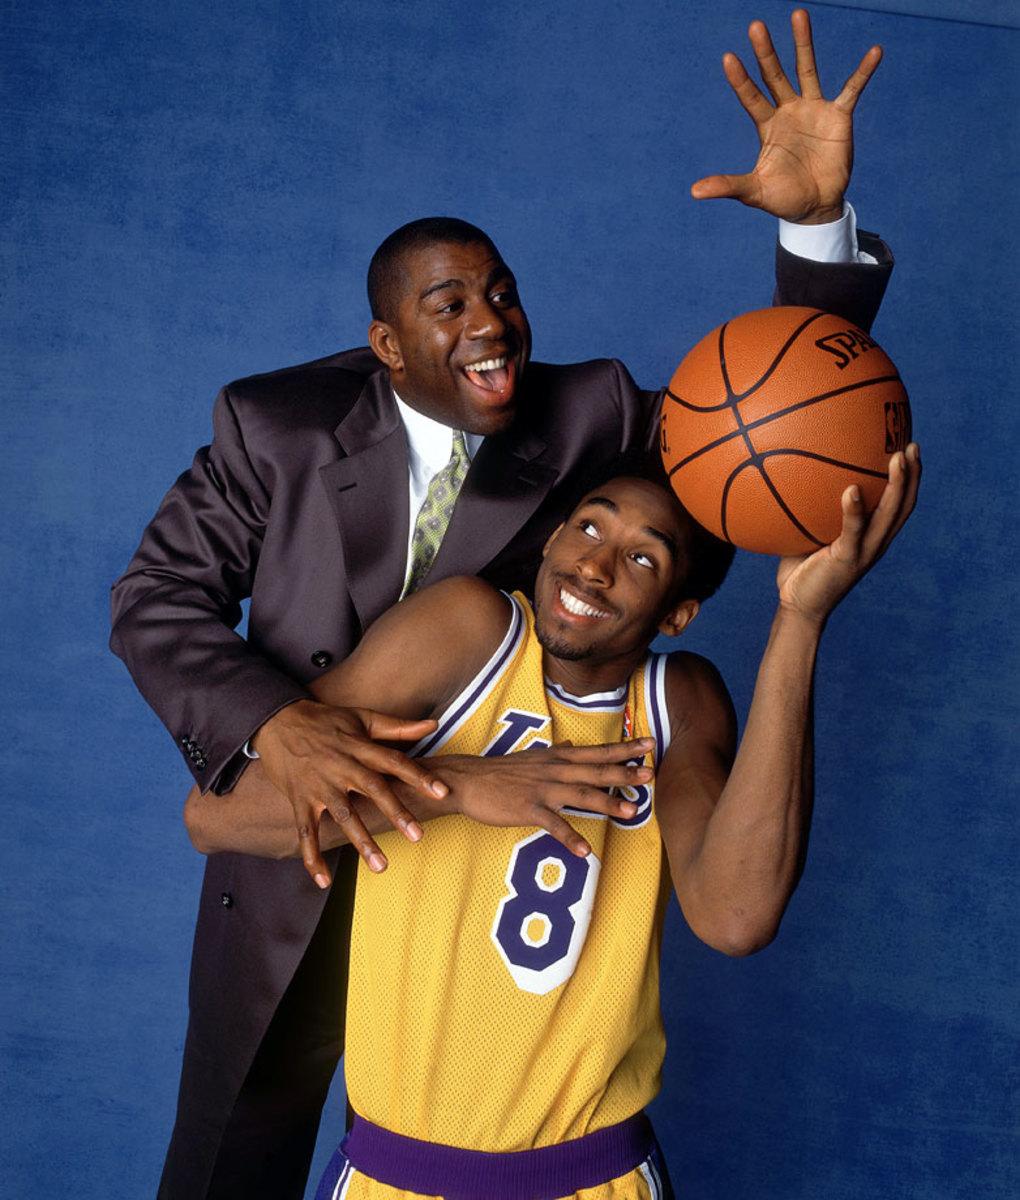 1998-Magic-Johnson-Kobe-Bryant-005709594_0.jpg